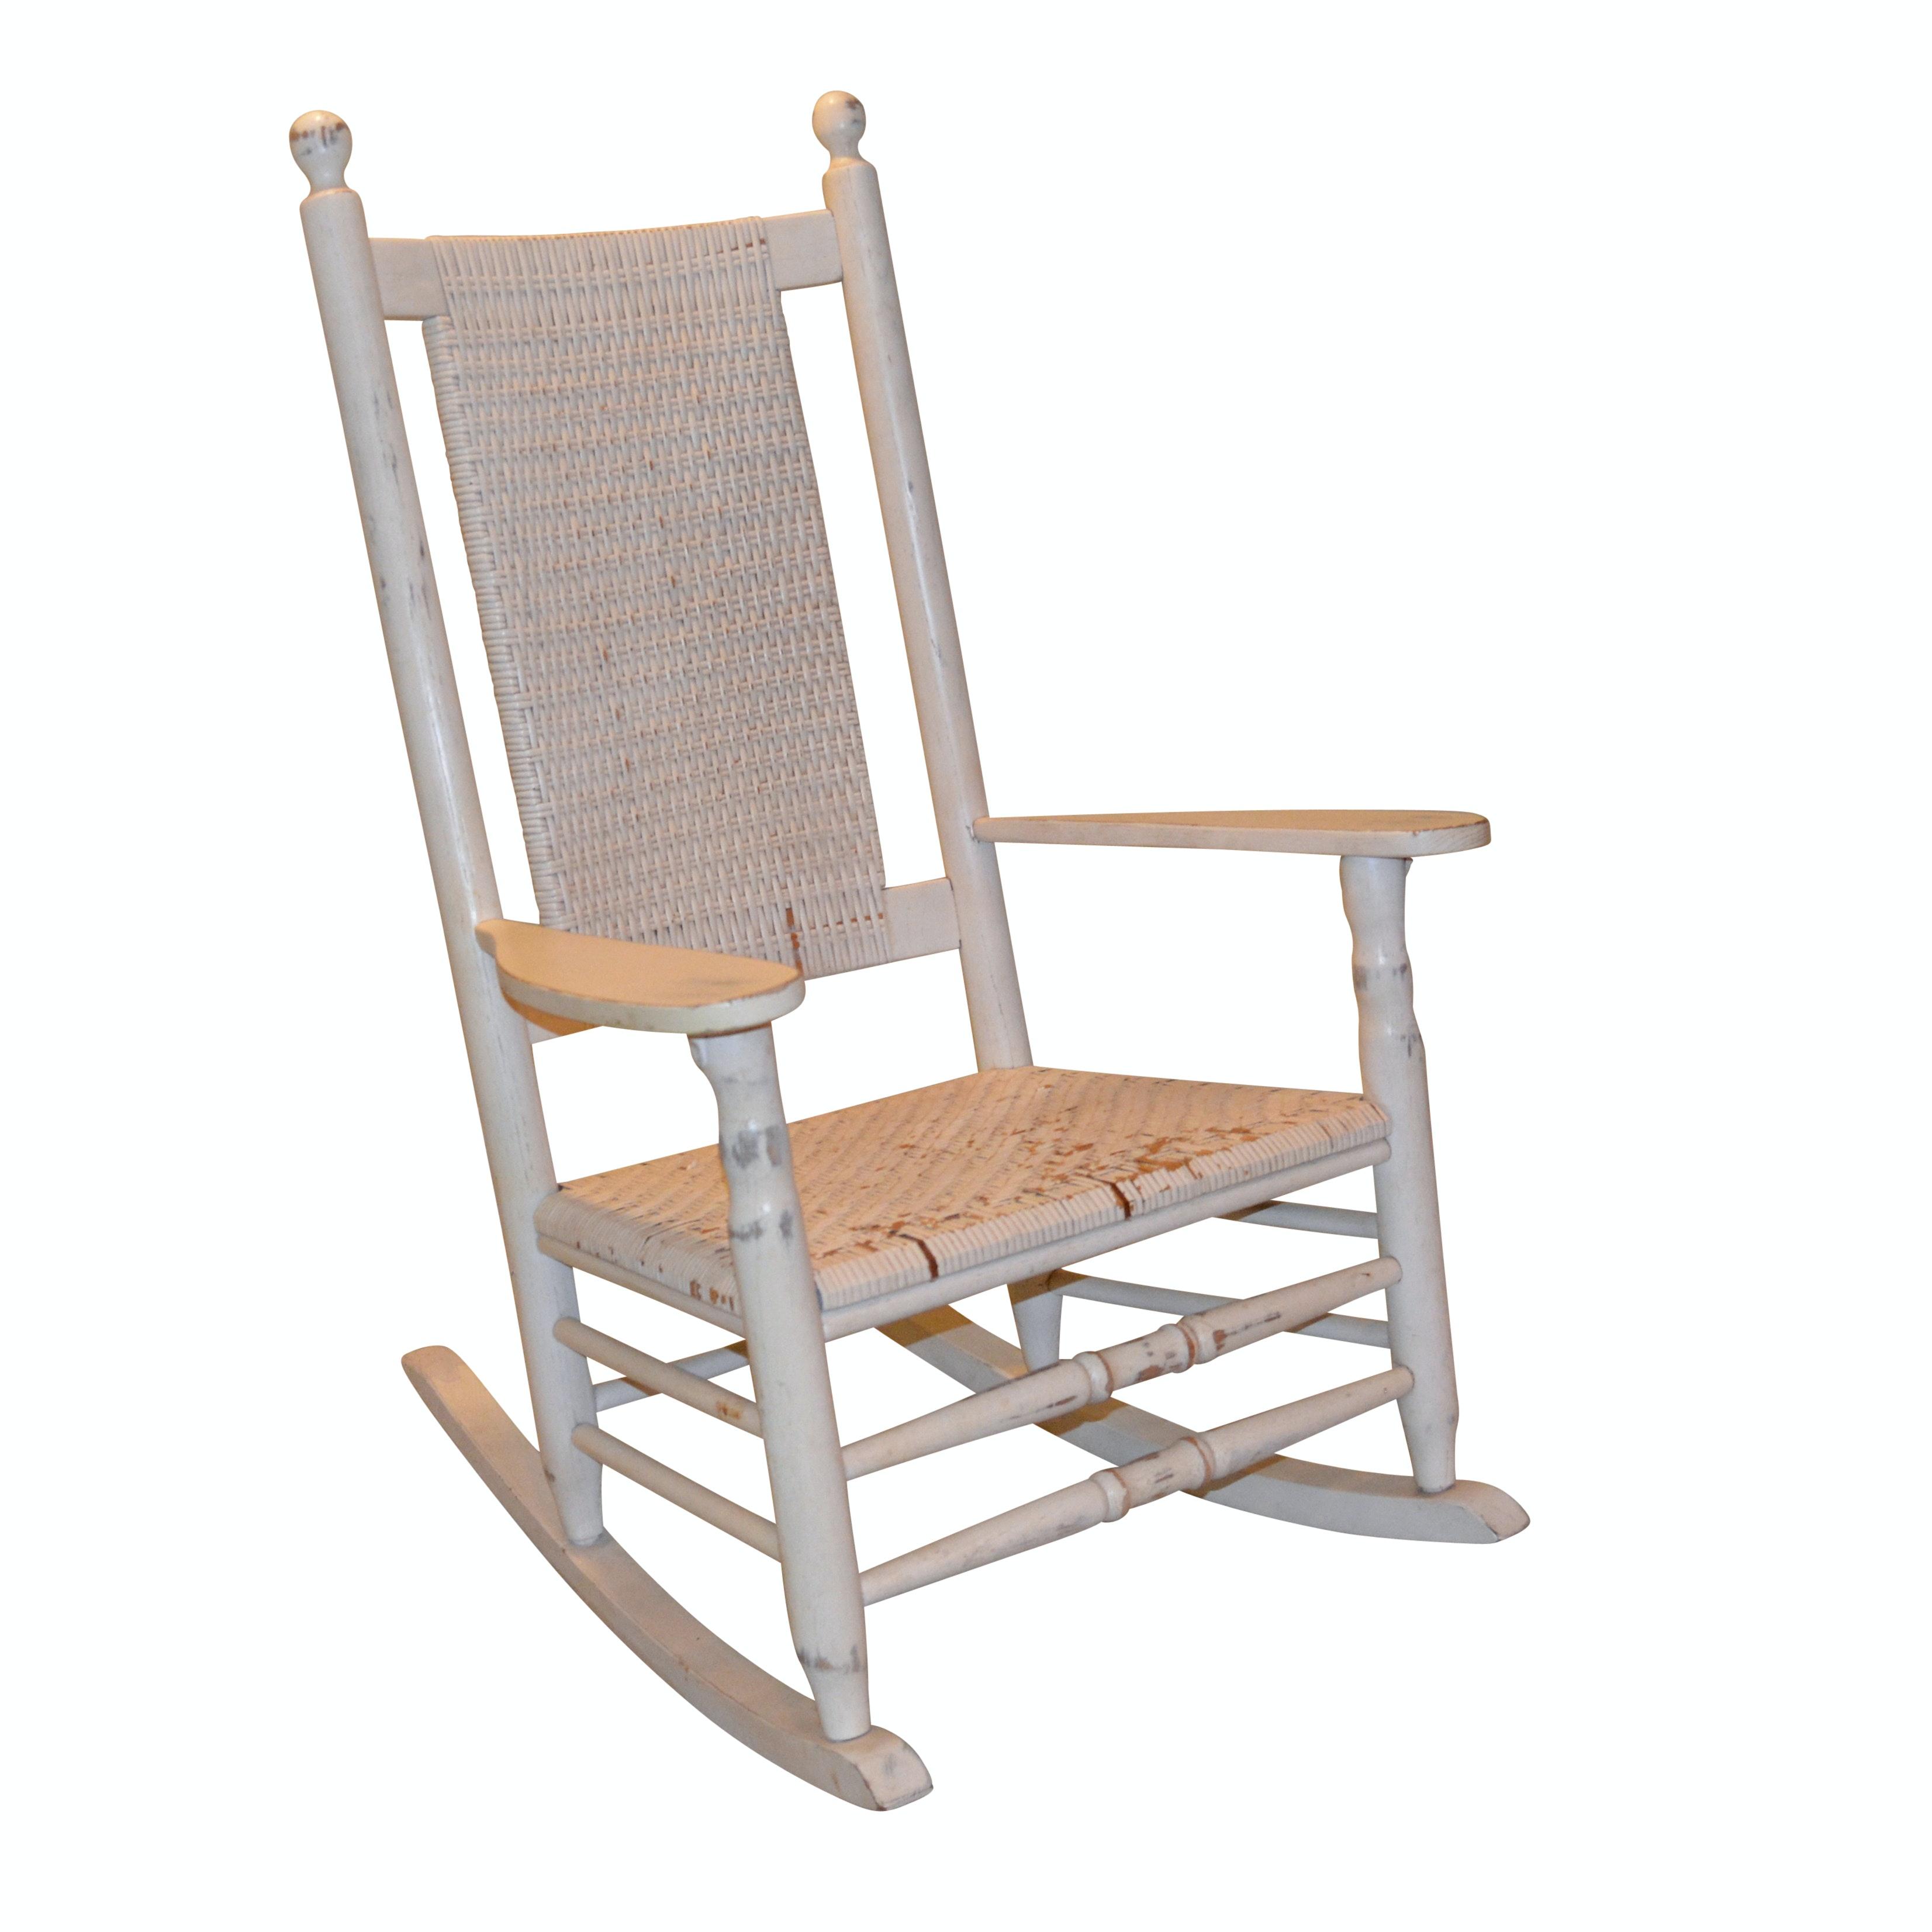 White Wicker Rocking Chair, 20th Century